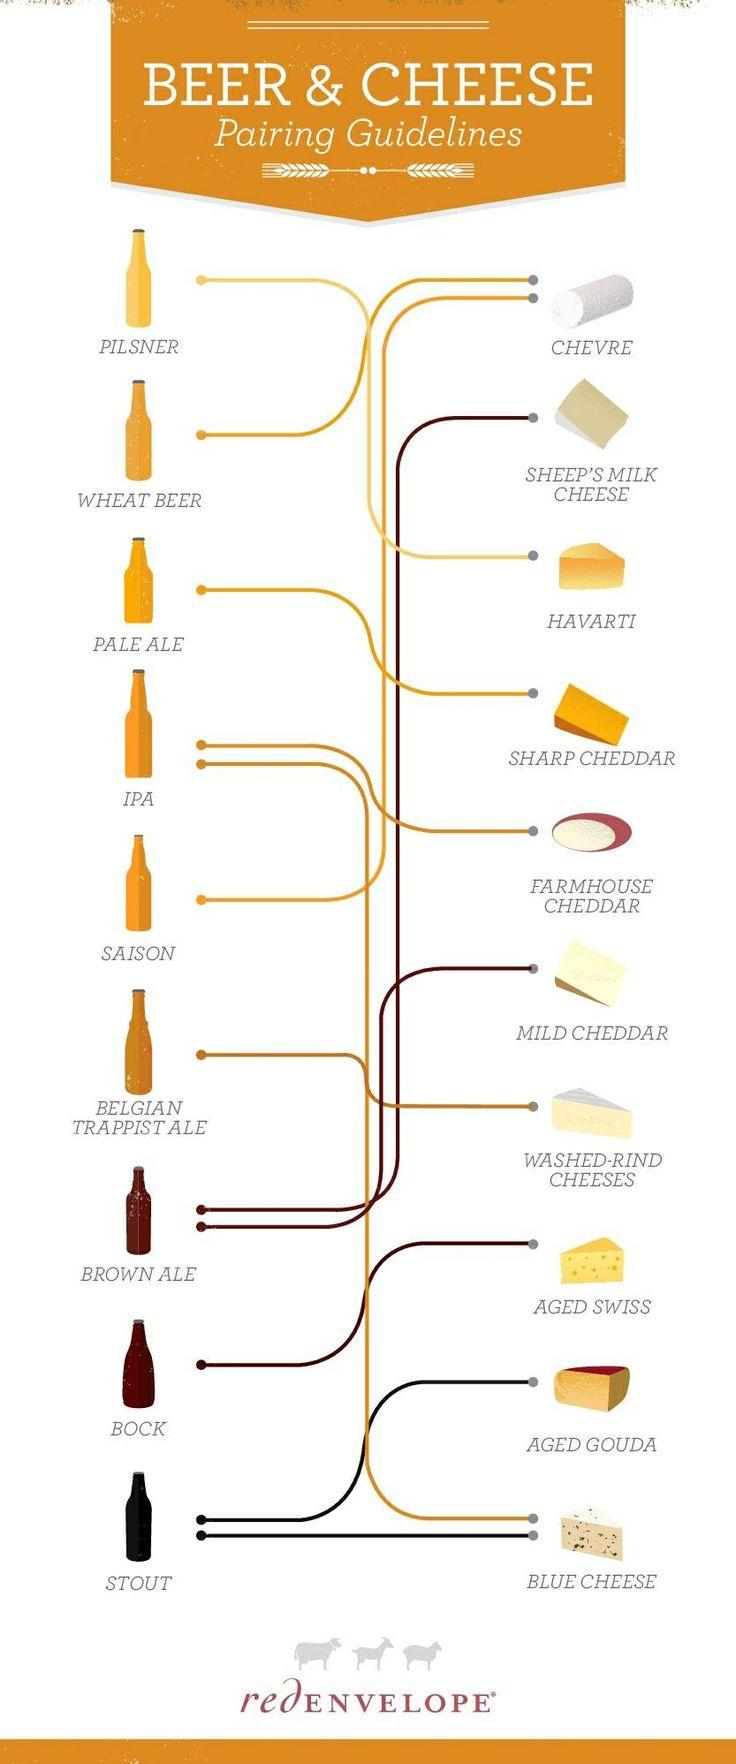 Cervejas e queijos... Junto com o café, coisas lindas de Deus!